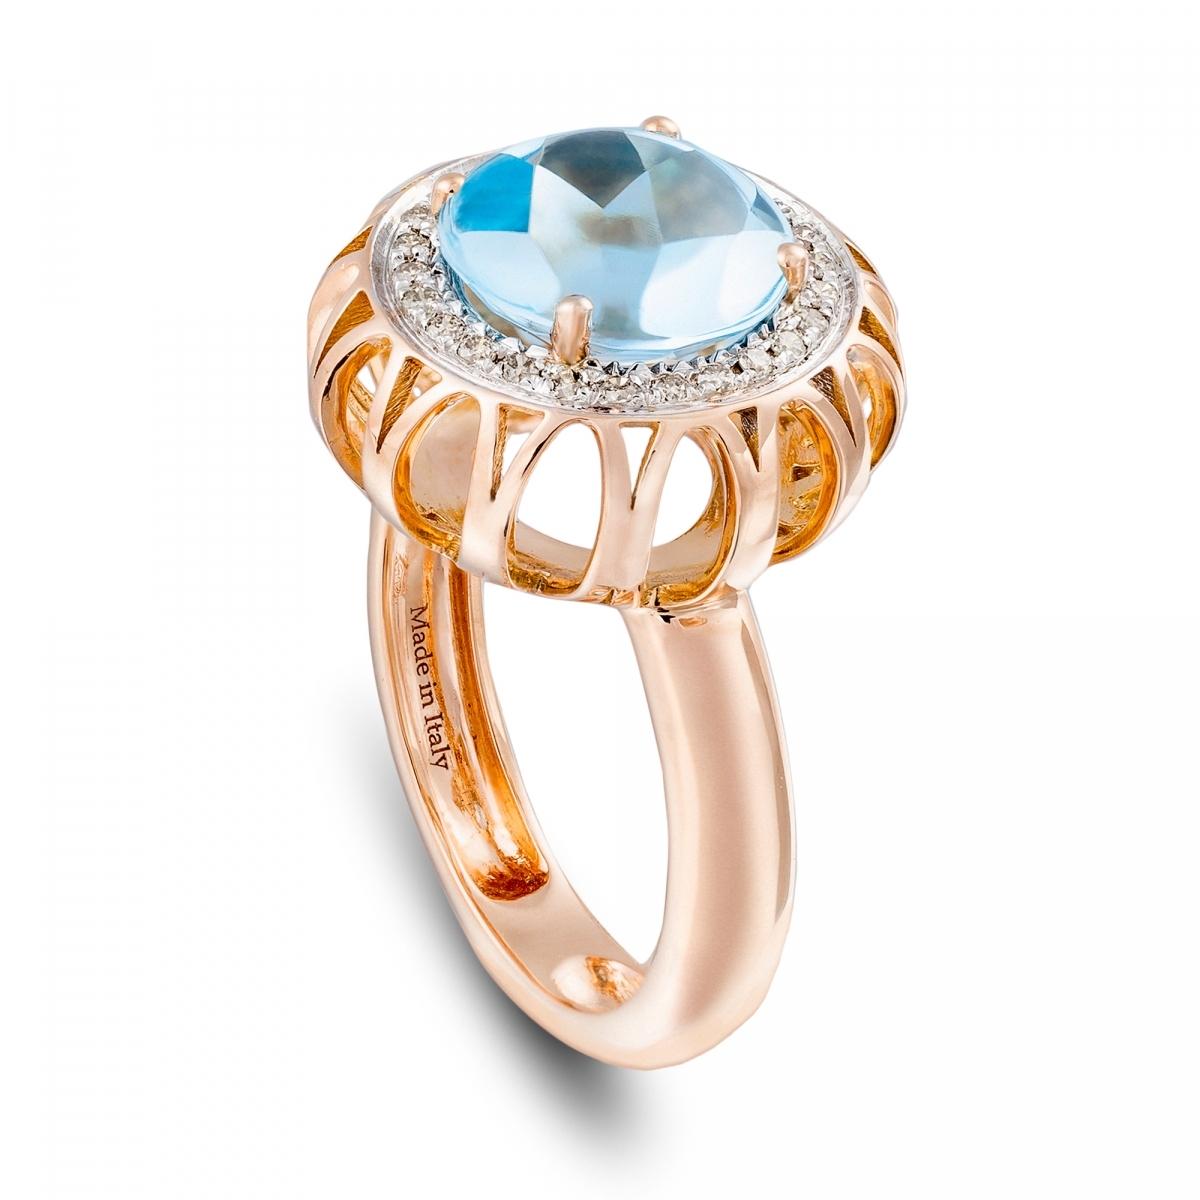 Matrimonio Oro E Azzurro : Anelli in oro rosa con diamanti topazio gt anello